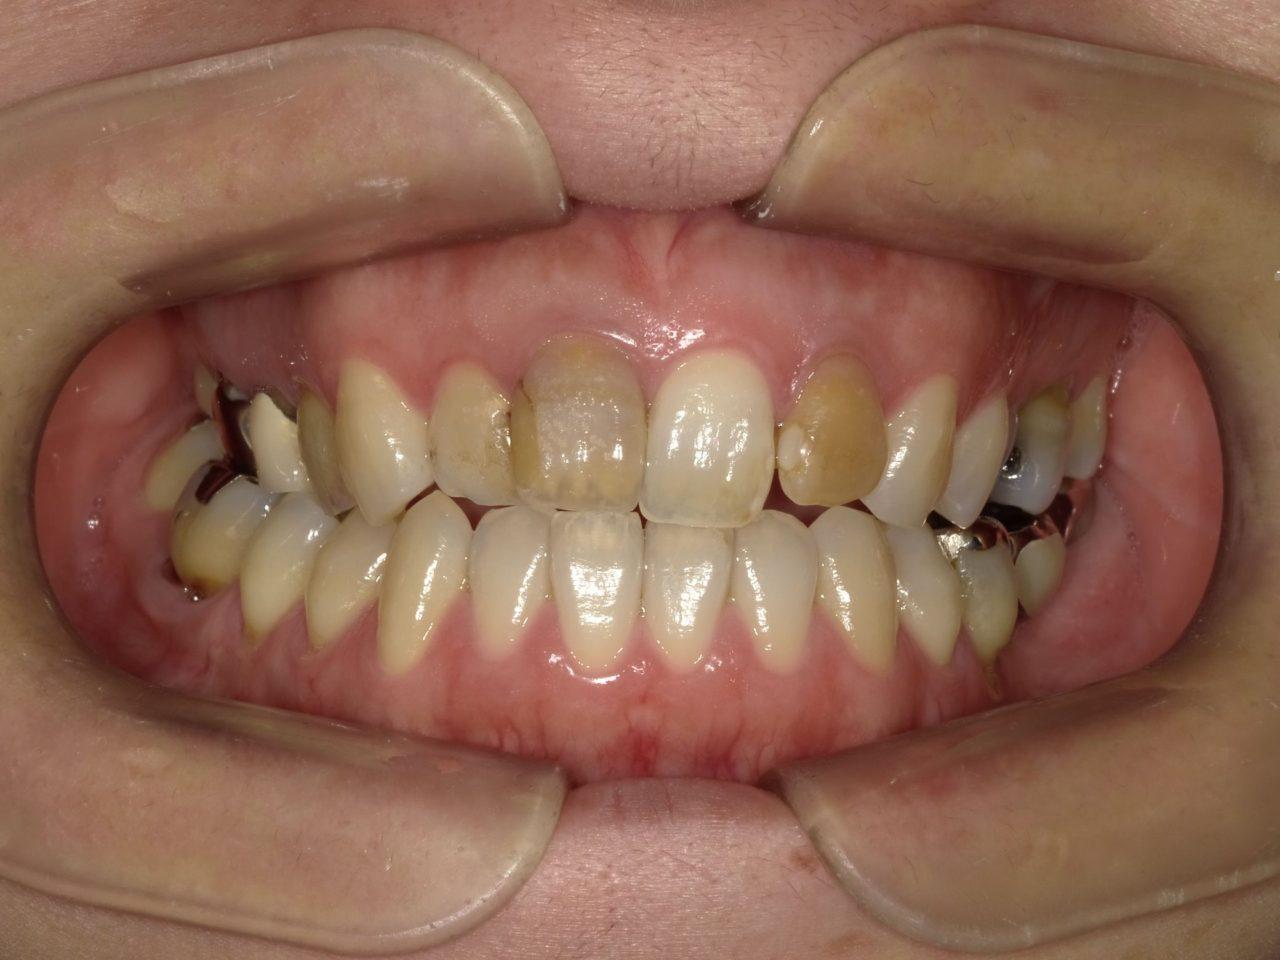 レイス歯科クリニック内因性の歯の着色事例